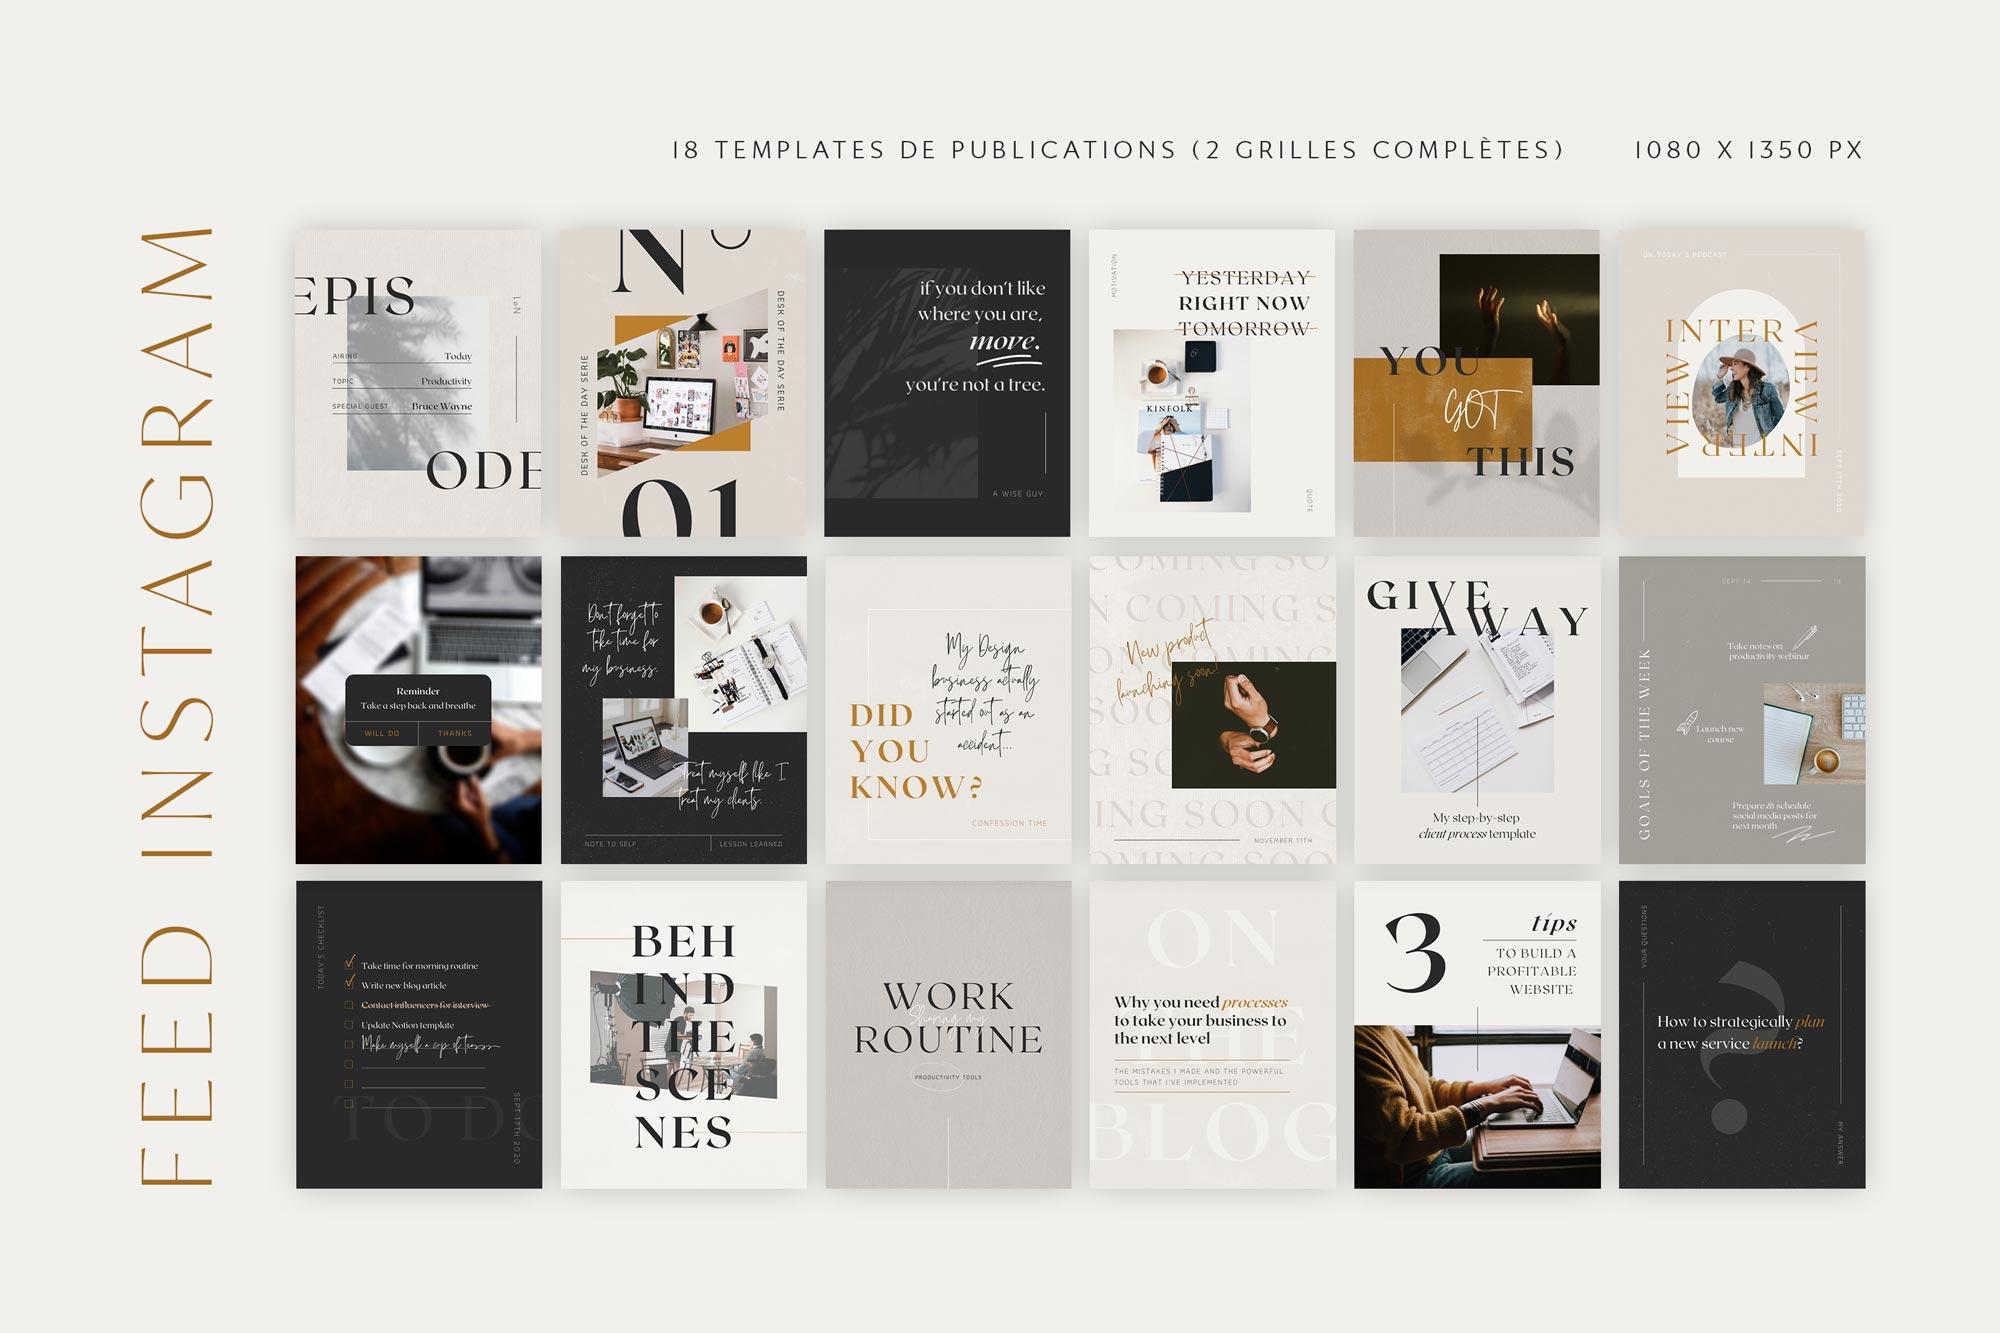 Templates de publications, posts, feed Instagram à personnaliser